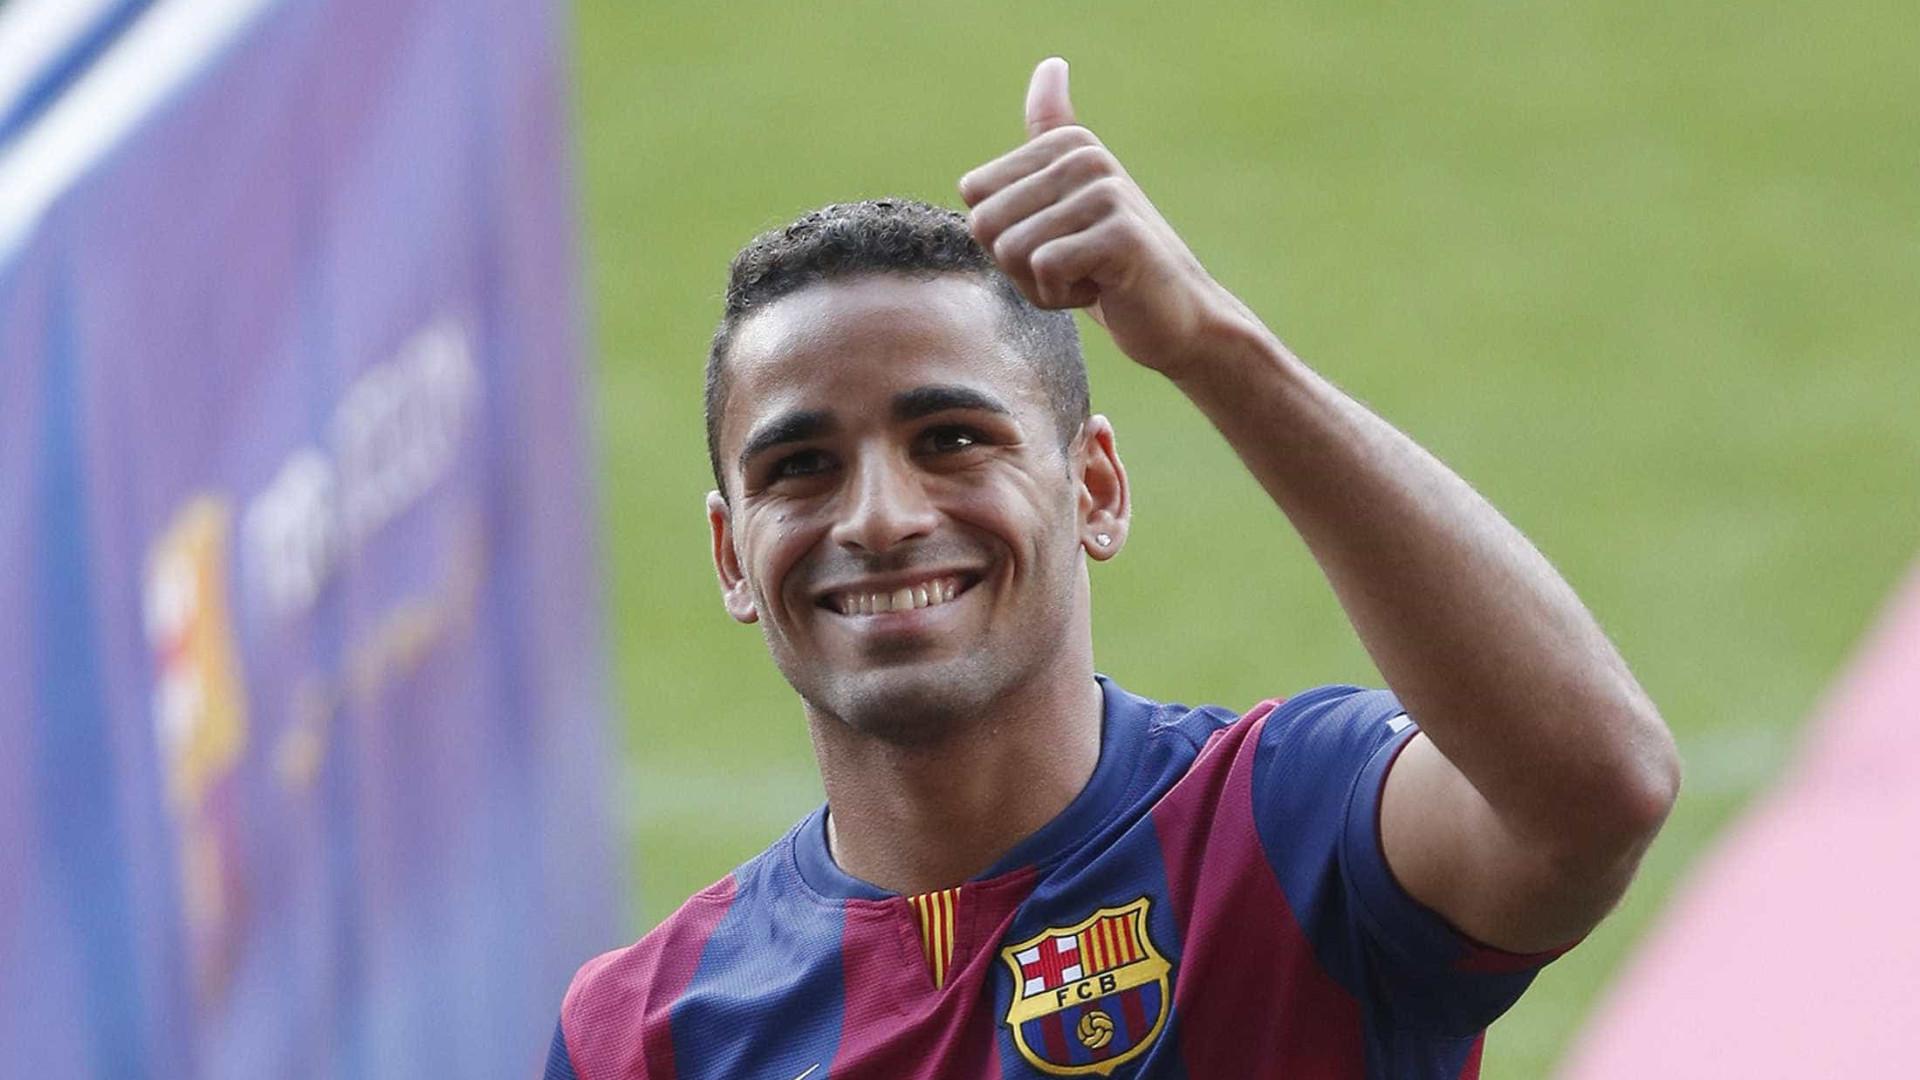 Espanhóis garantem que Douglas já é jogador do Benfica